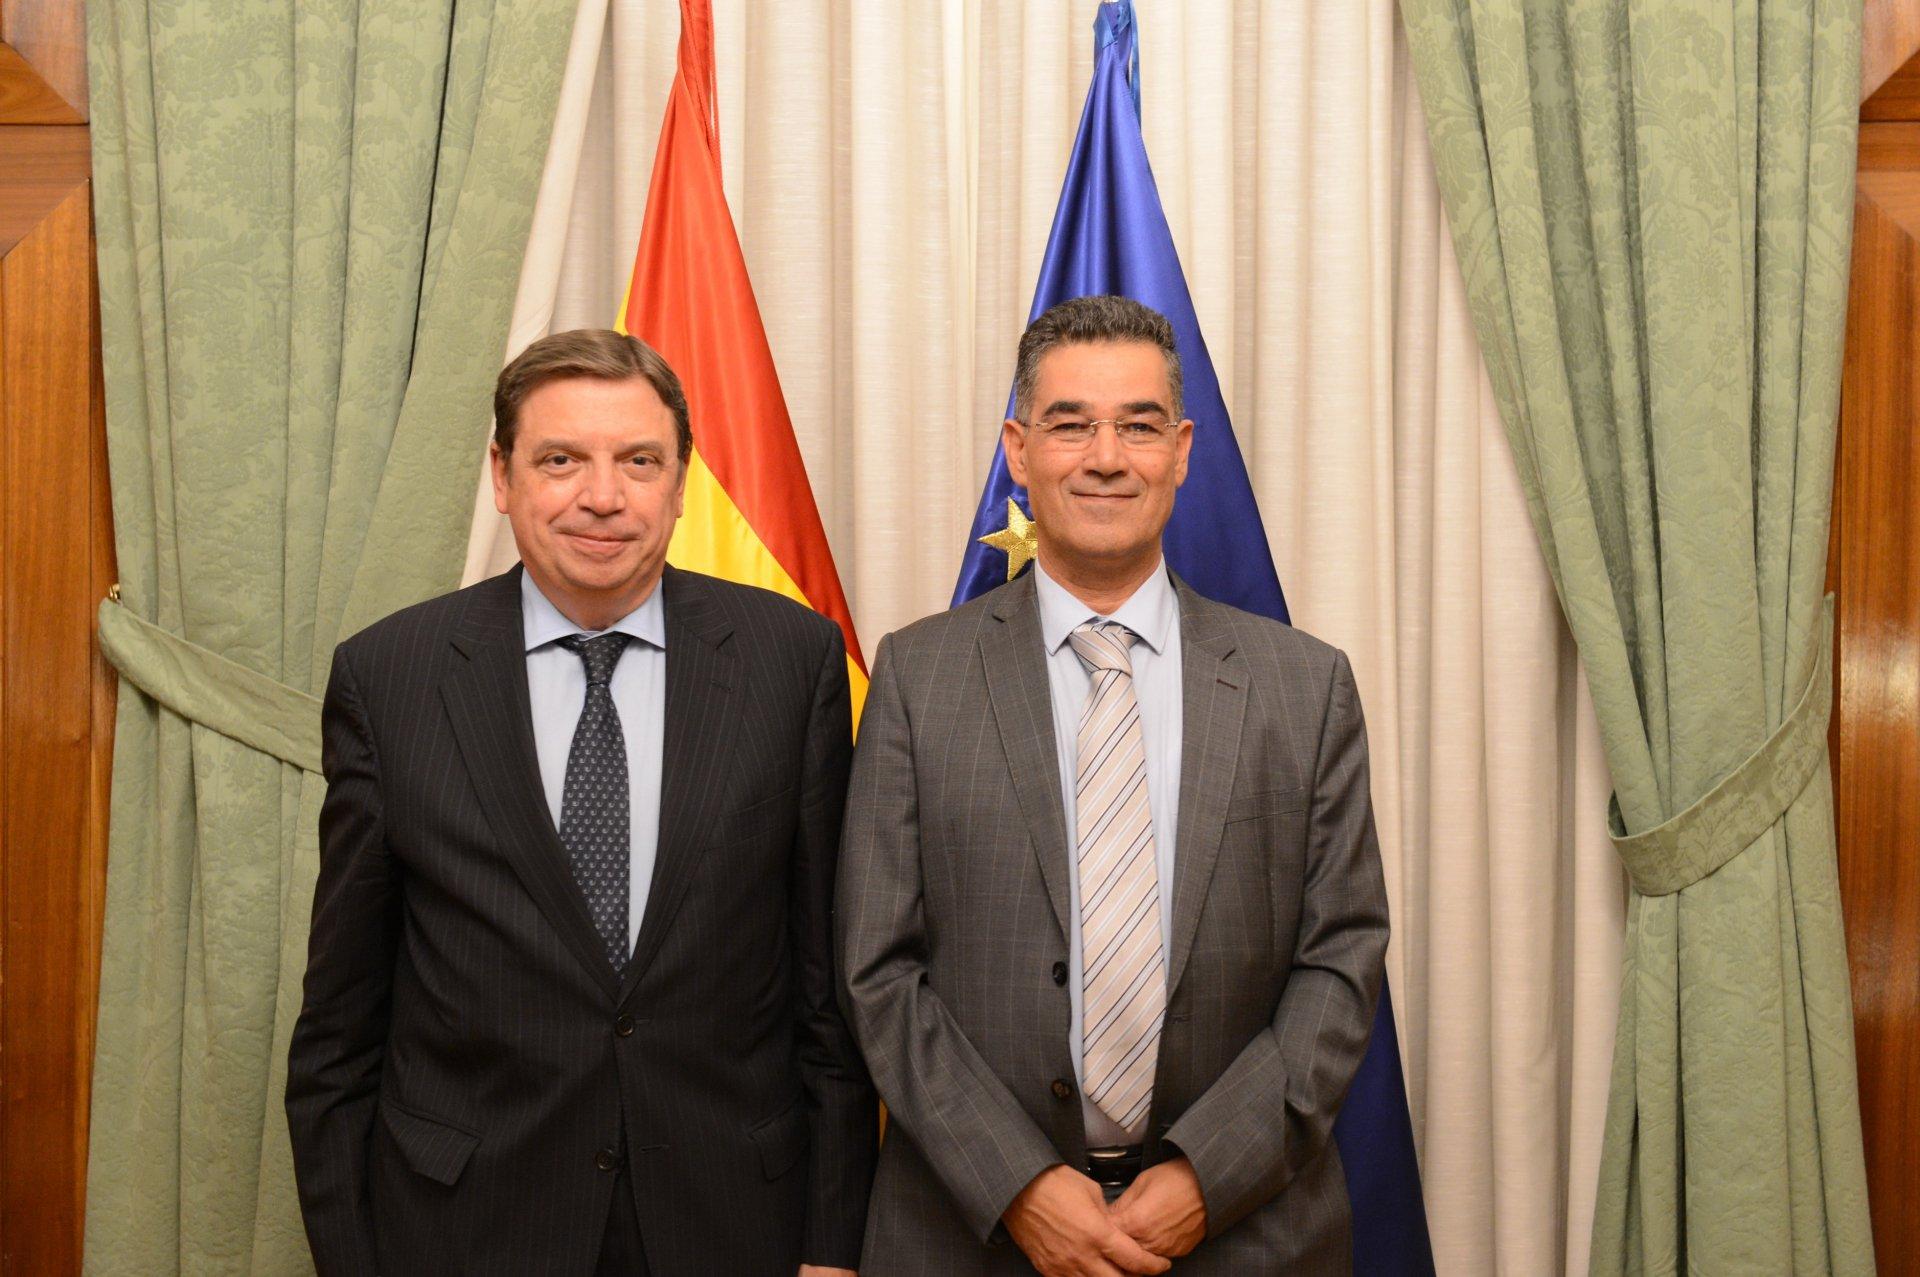 Consiglio oleicolo internazionale, pieno sostegno da parte della Spagna alle attività del Coi